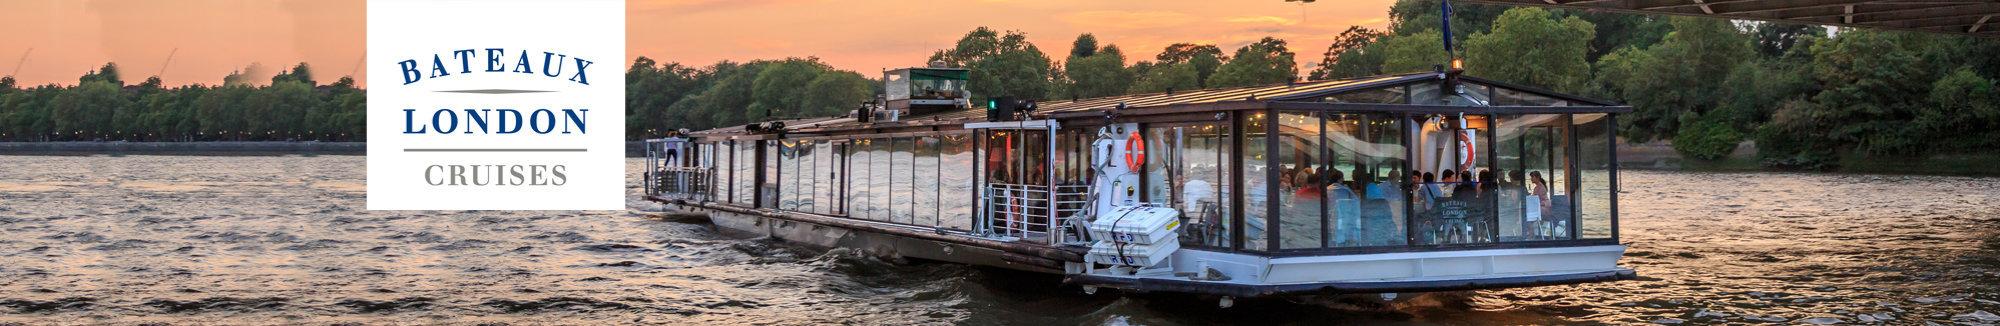 Bateaux LondonRestaurant cruise